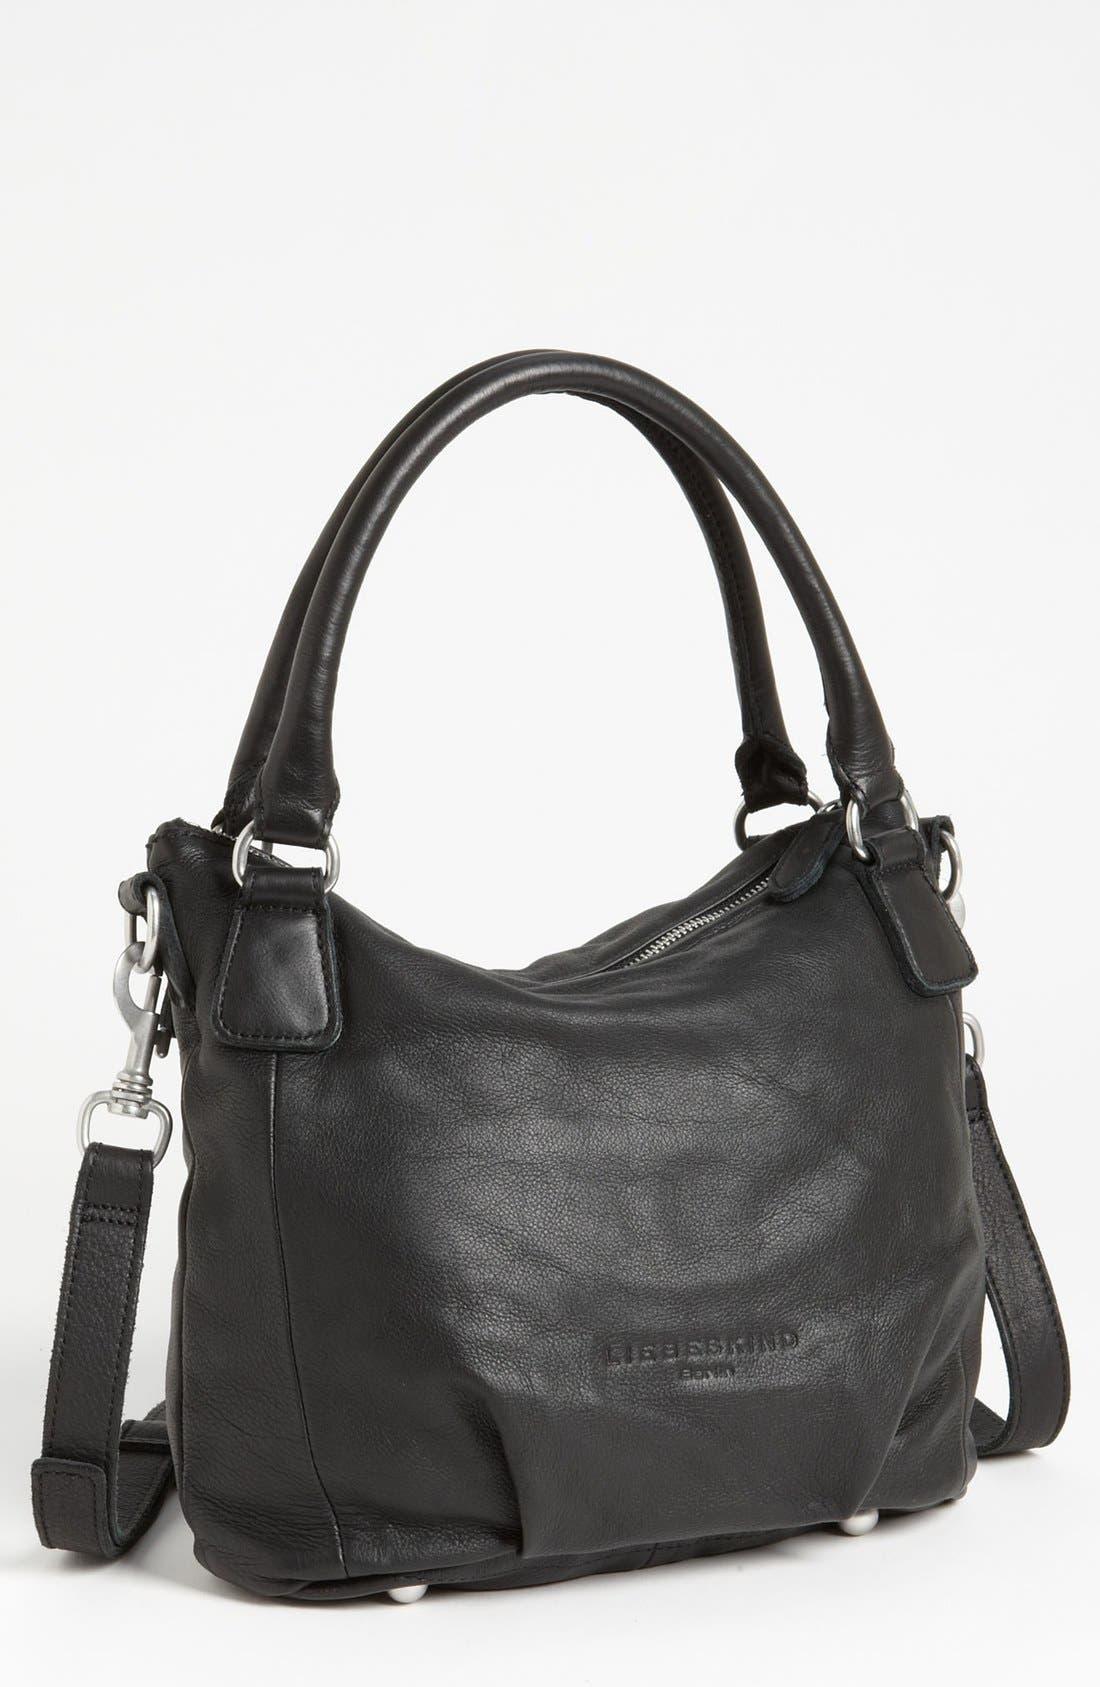 Alternate Image 1 Selected - Liebeskind 'Gina' Shoulder Bag